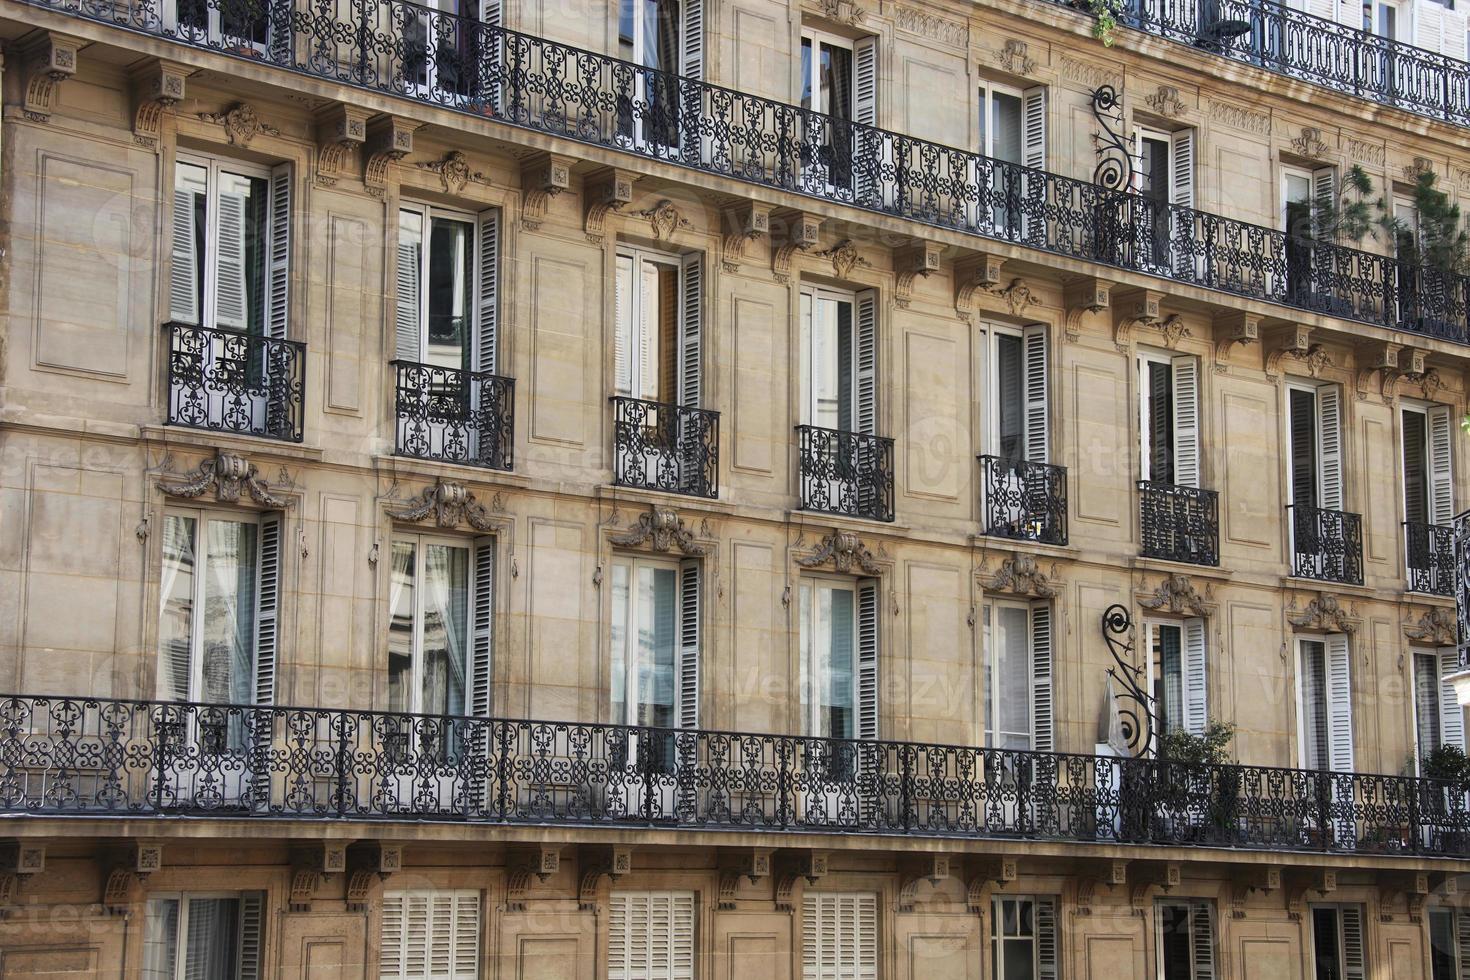 husets fasad, fönster och balkonger foto